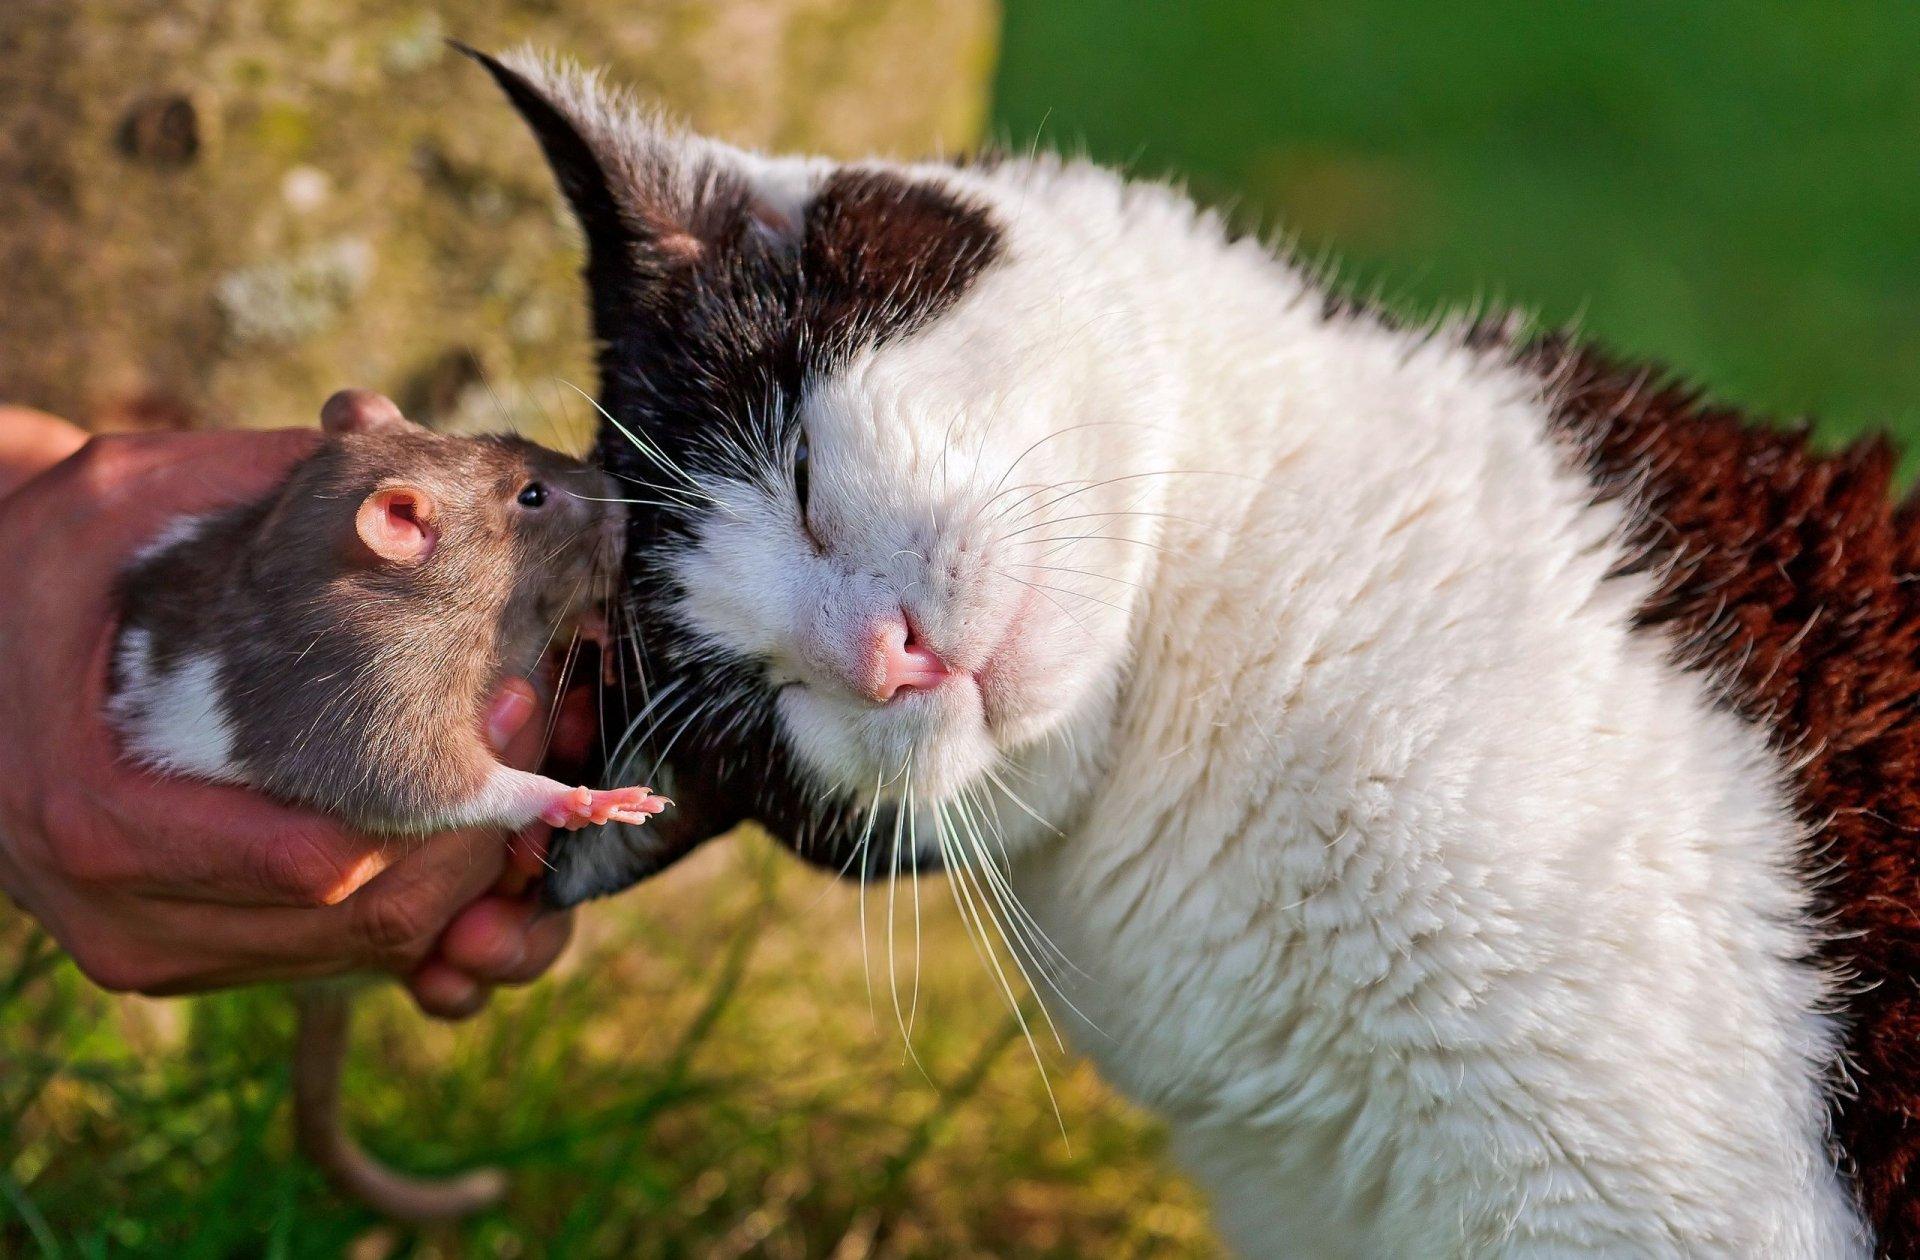 кот и мыши картинки фото оживляют помещение, так